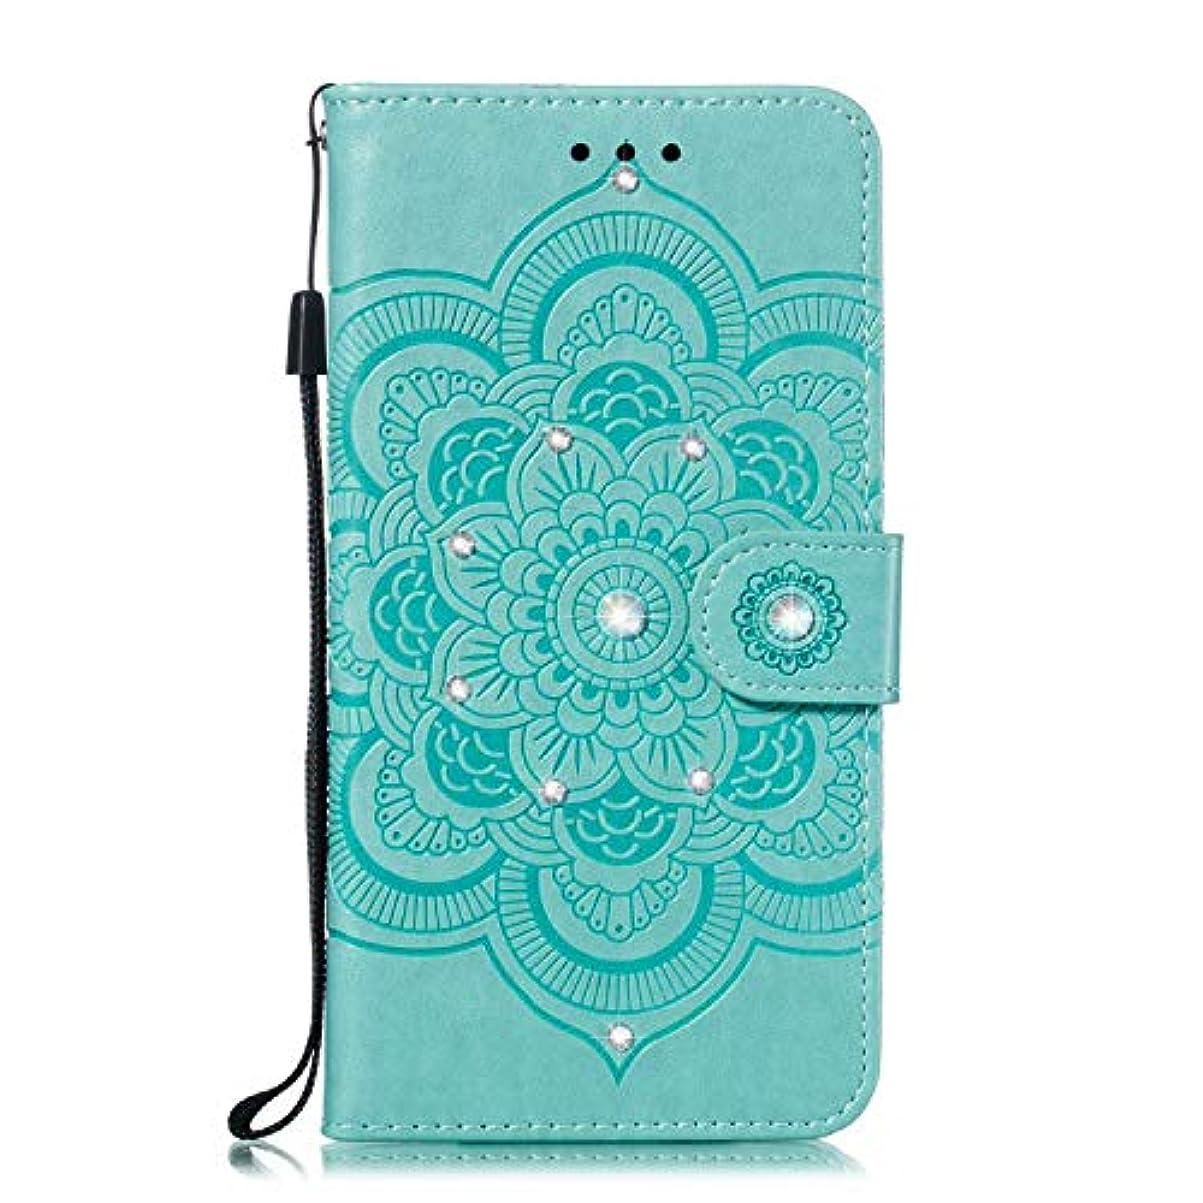 パレードマニア悲観的OMATENTI iPhone XR ケース 手帳型 かわいい レディース用 合皮PUレザー 財布型 保護ケース ザー カード収納 スタンド 機能 マグネット 人気 高品質 ダイヤモンドの輝き マンダラのエンボス加工 ケース, 緑